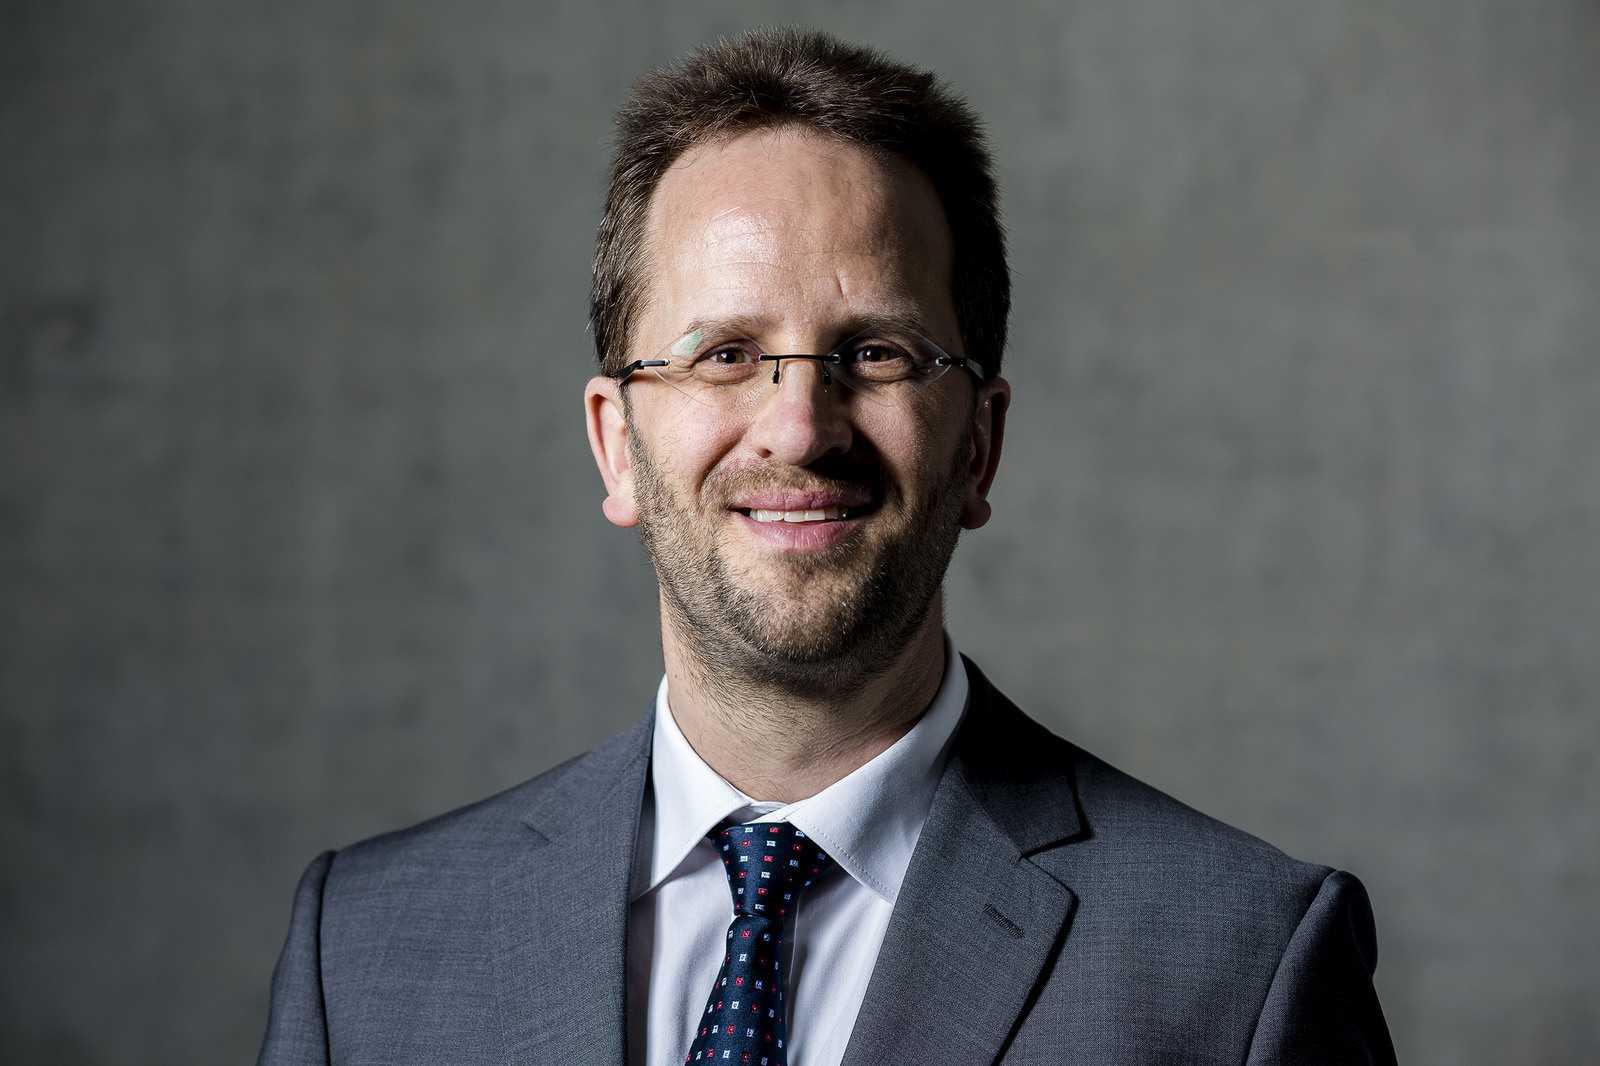 Laut Klaus Müller, Chef des Verbraucherzentrale<br /> Bundesverbands (VZBV), können Smart-Home-Geräte selbst Einbruch erleichtern.